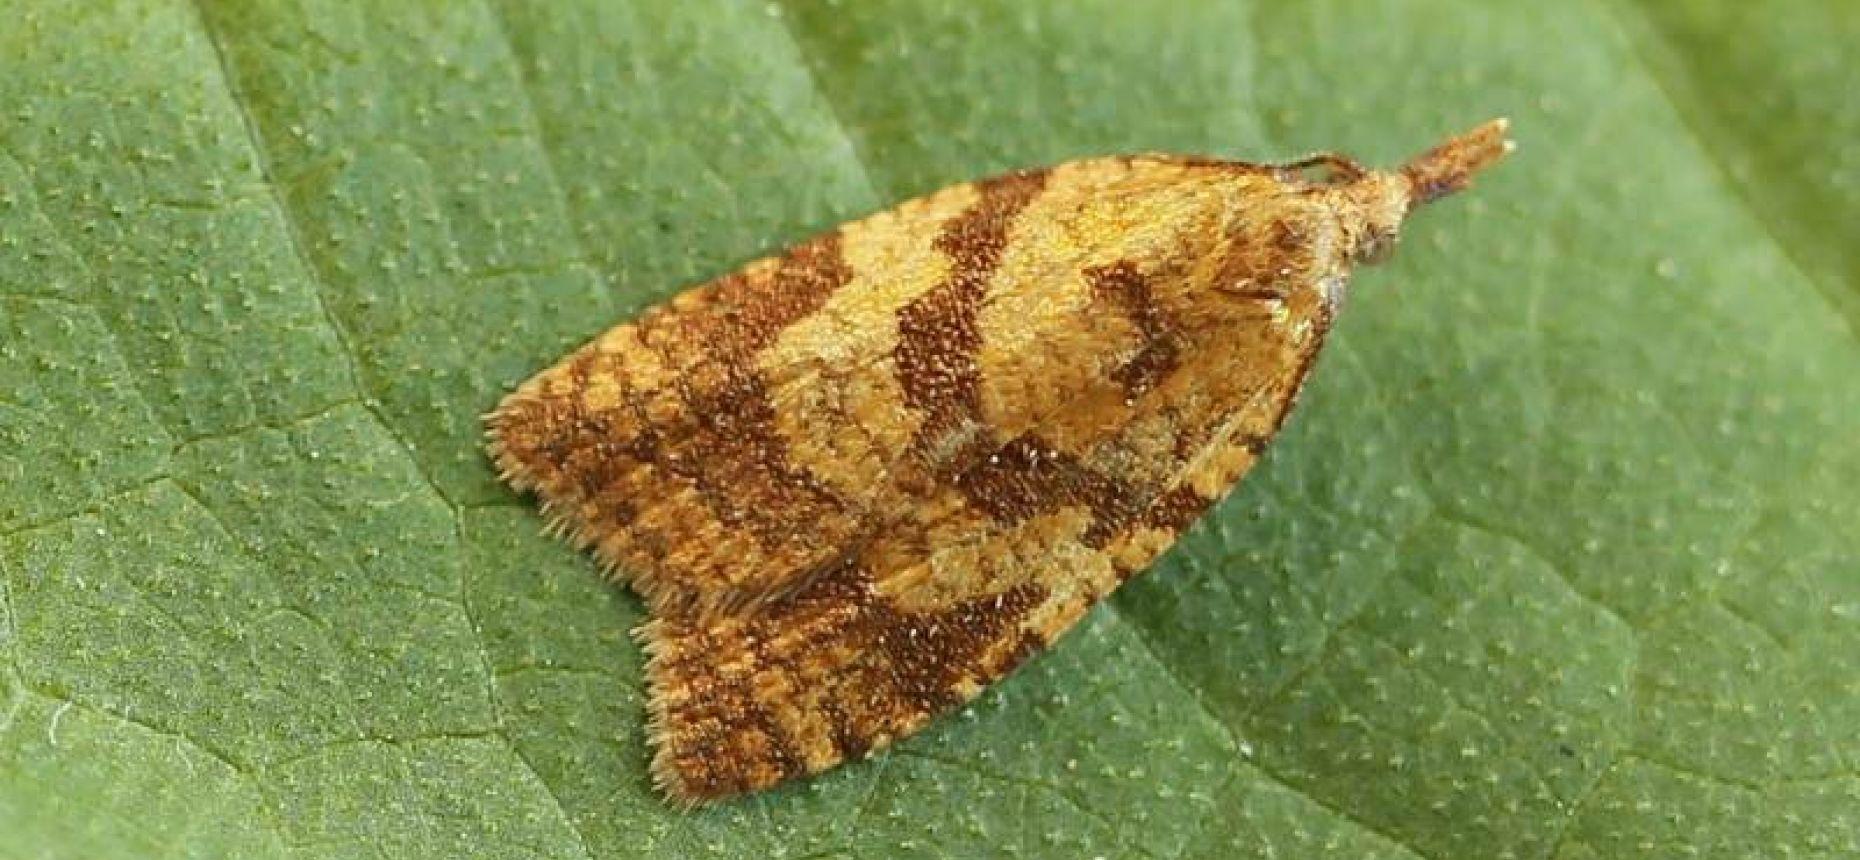 Виноградная листовертка - Sparganothis pilleriana (Den. et Schiff.)